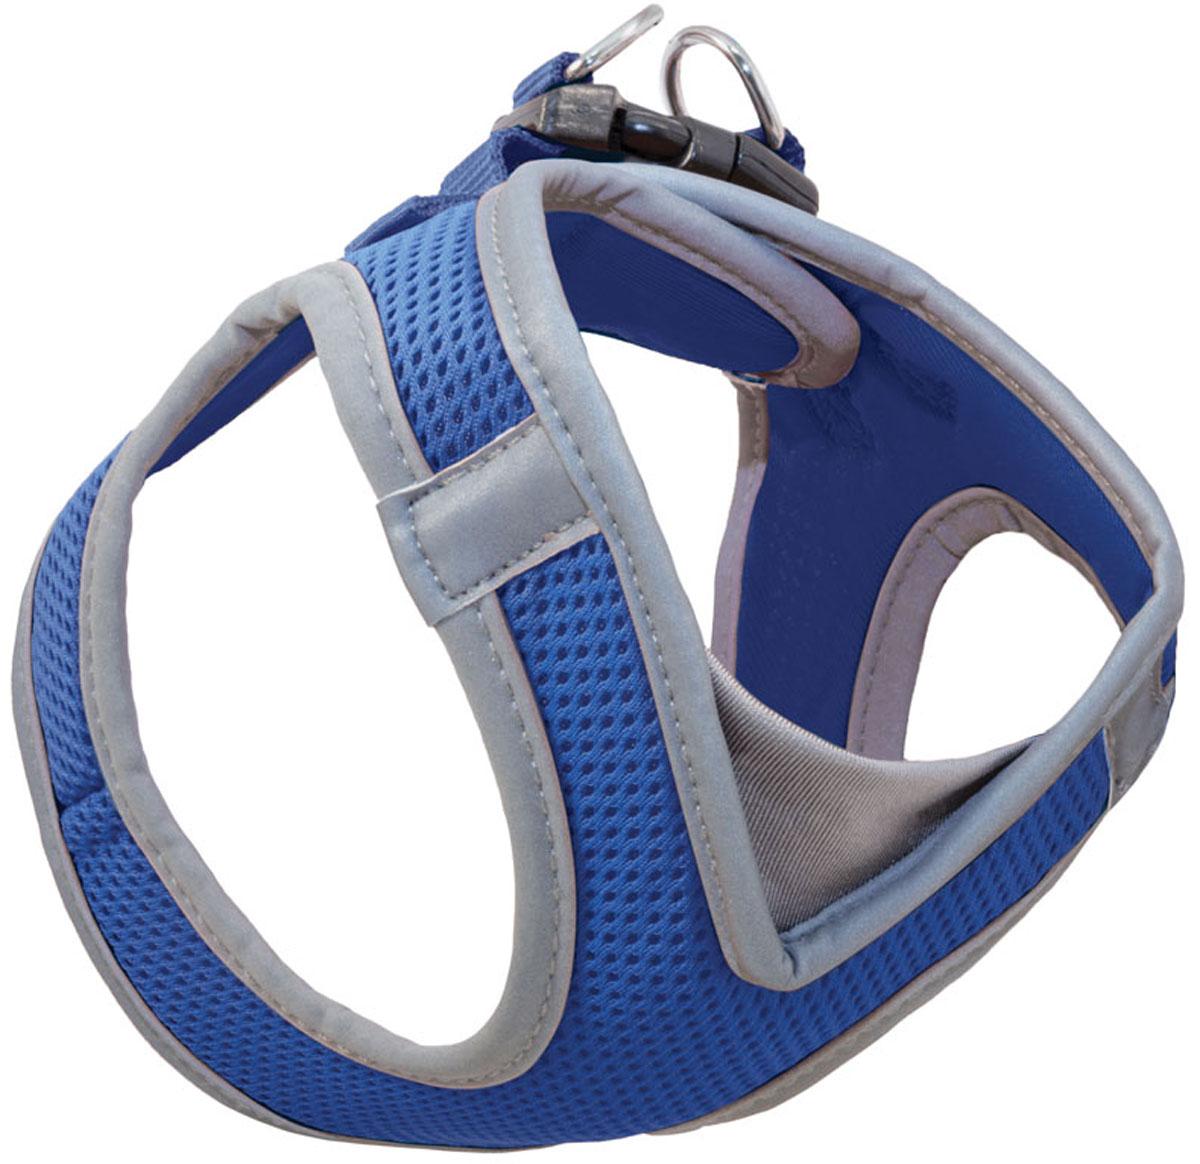 Шлейка жилетка мягкая для собак Triol Xs нейлоновая синяя 32 - 36 см (1 шт)